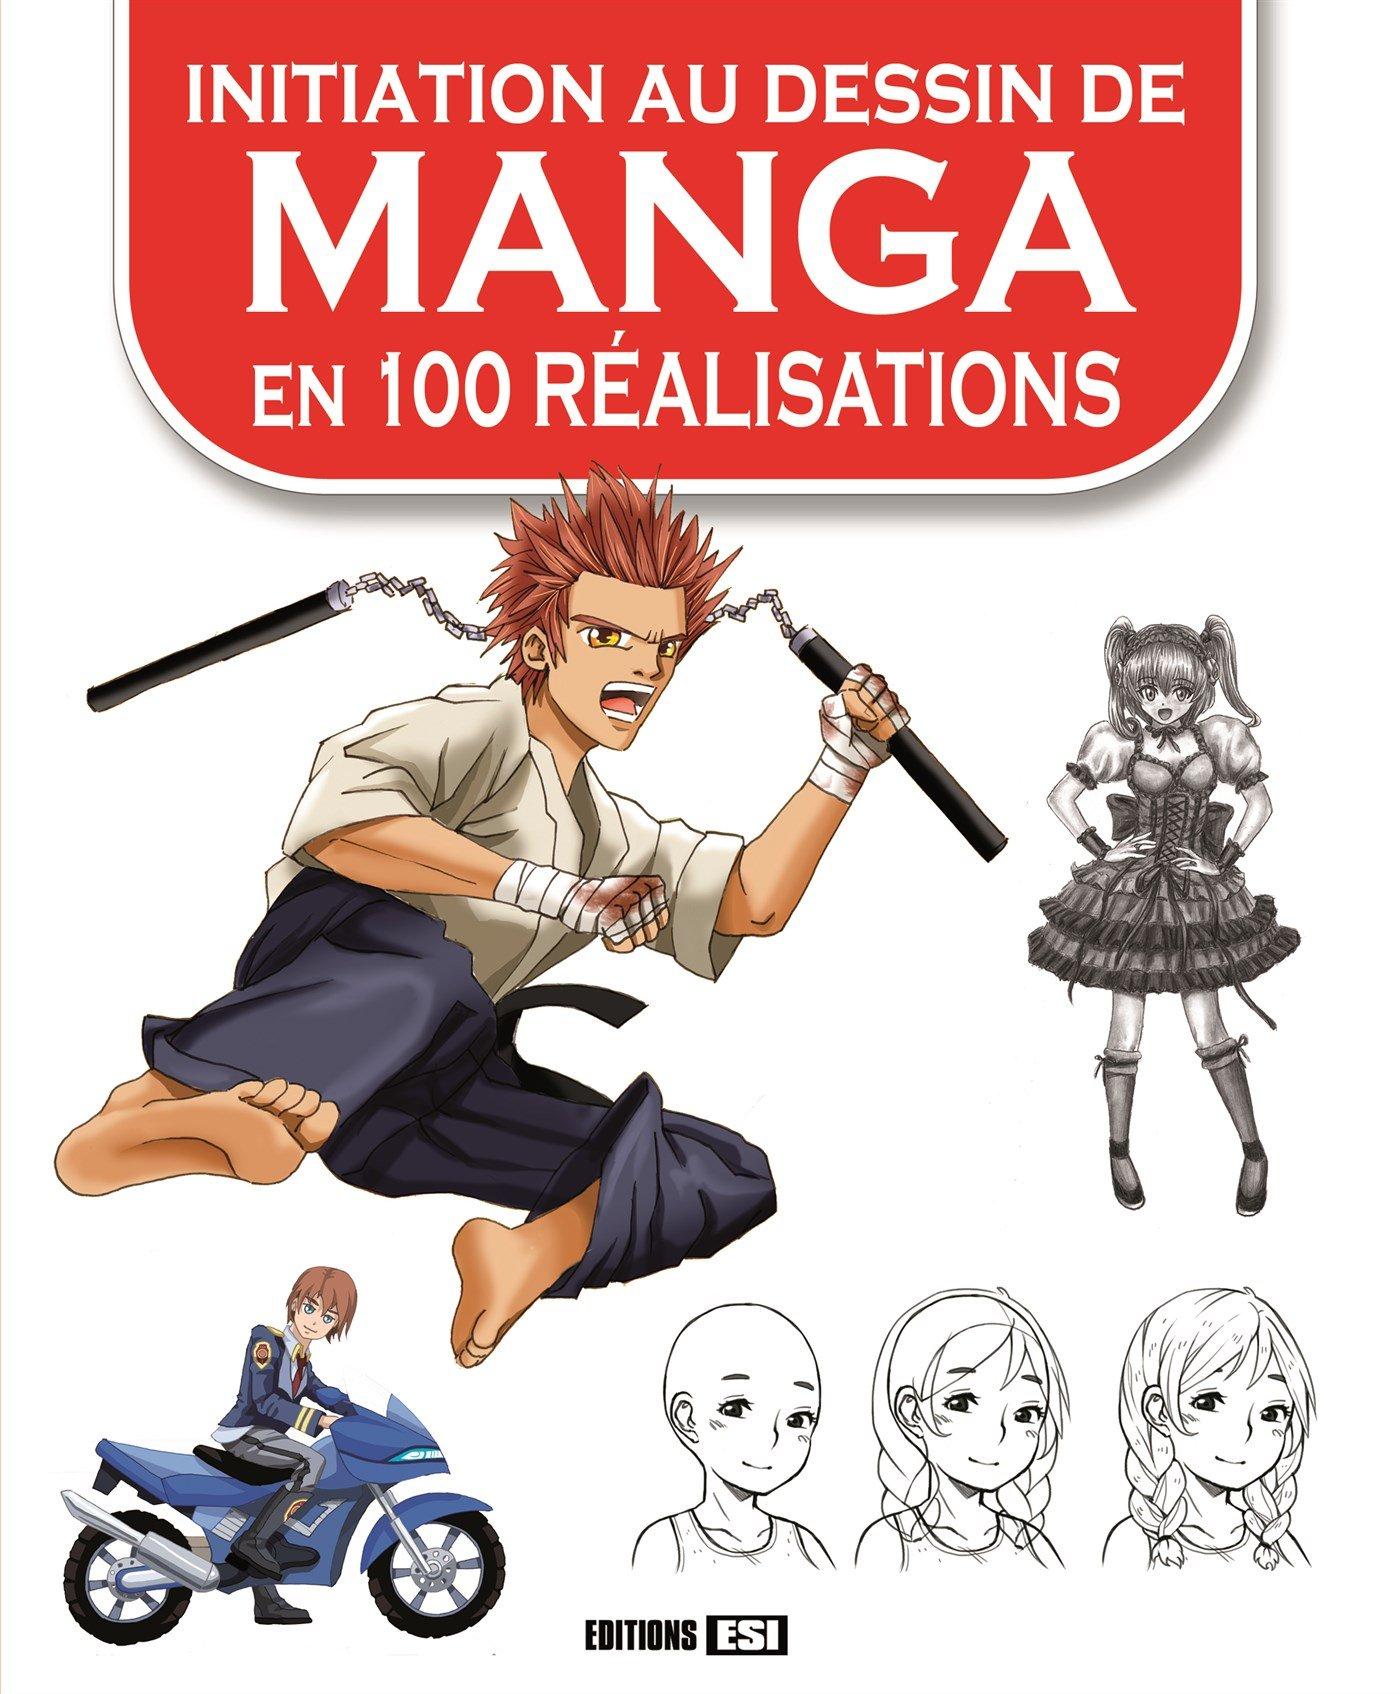 Initiation au dessin de manga en 100 réalisations Broché – 20 avril 2017 Editions ESI 2822605297 Techniques artistiques Activités artistiques